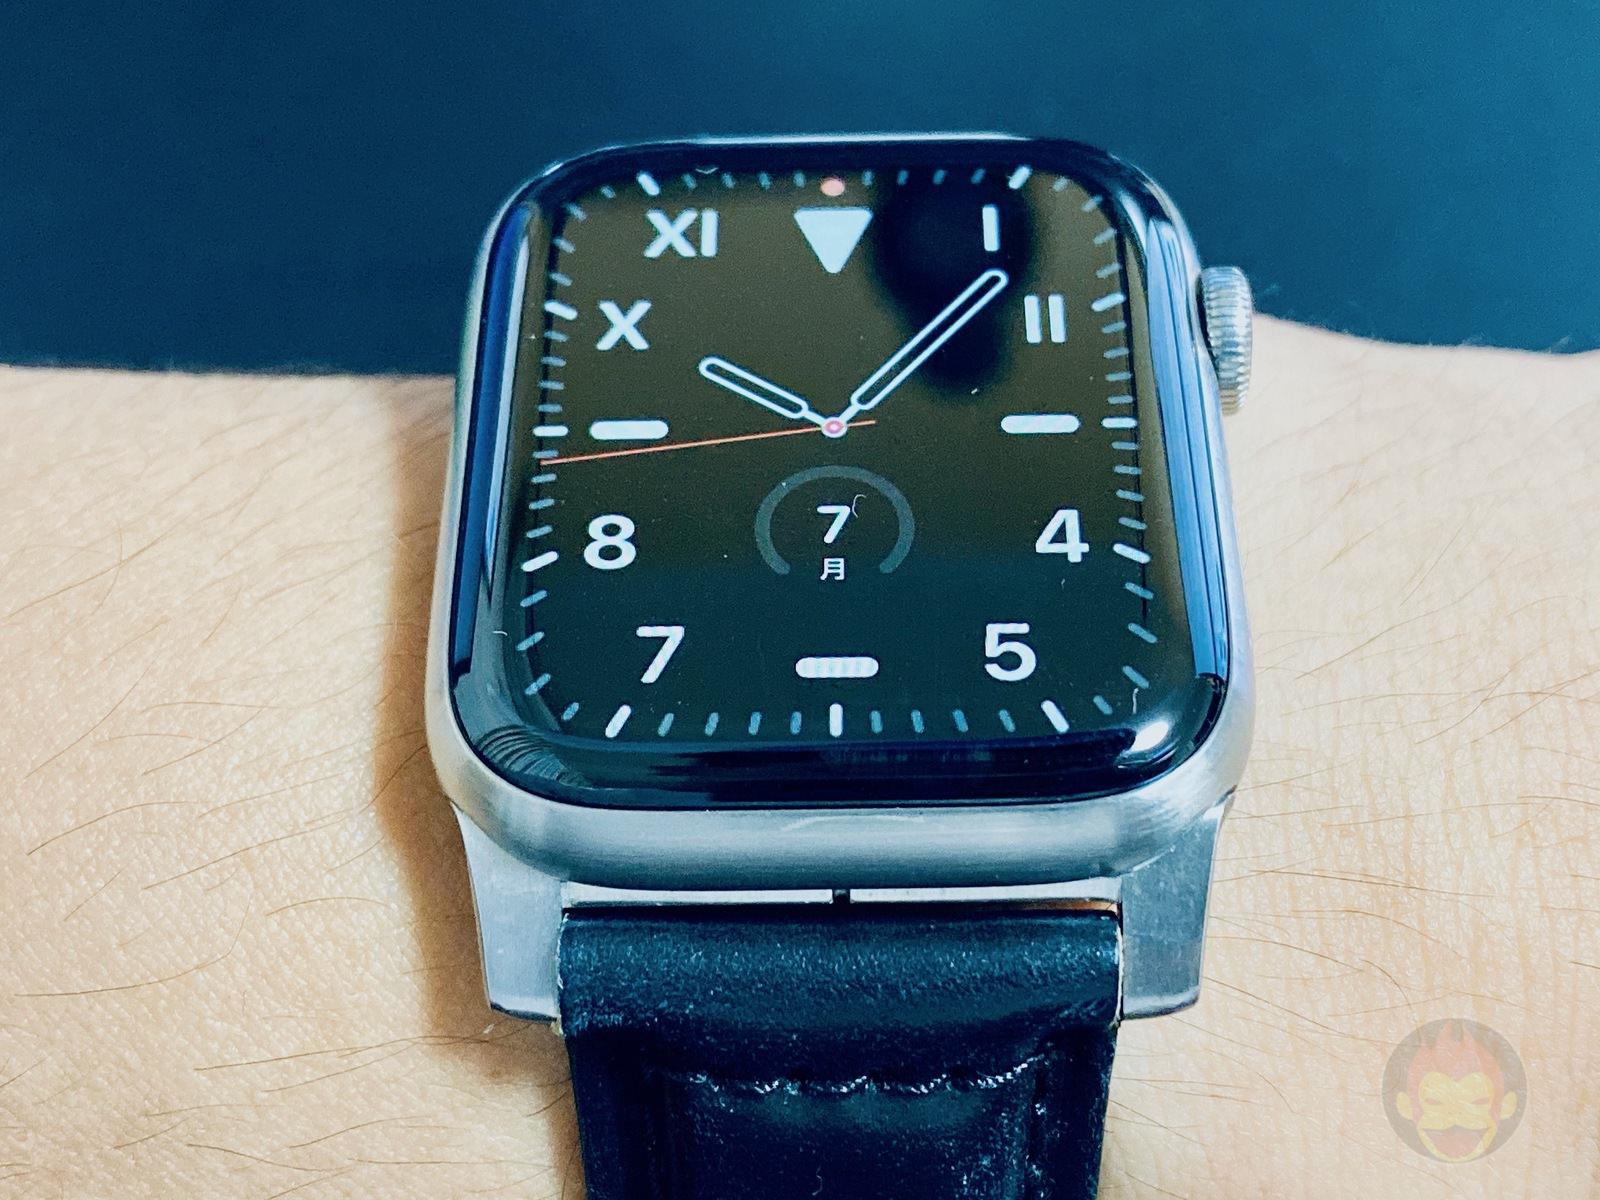 Apple Watch Series 5の常時オンディスプレイを有効化したまま 手っ取り早く電池を長持ちさせる方法 ゴリミー